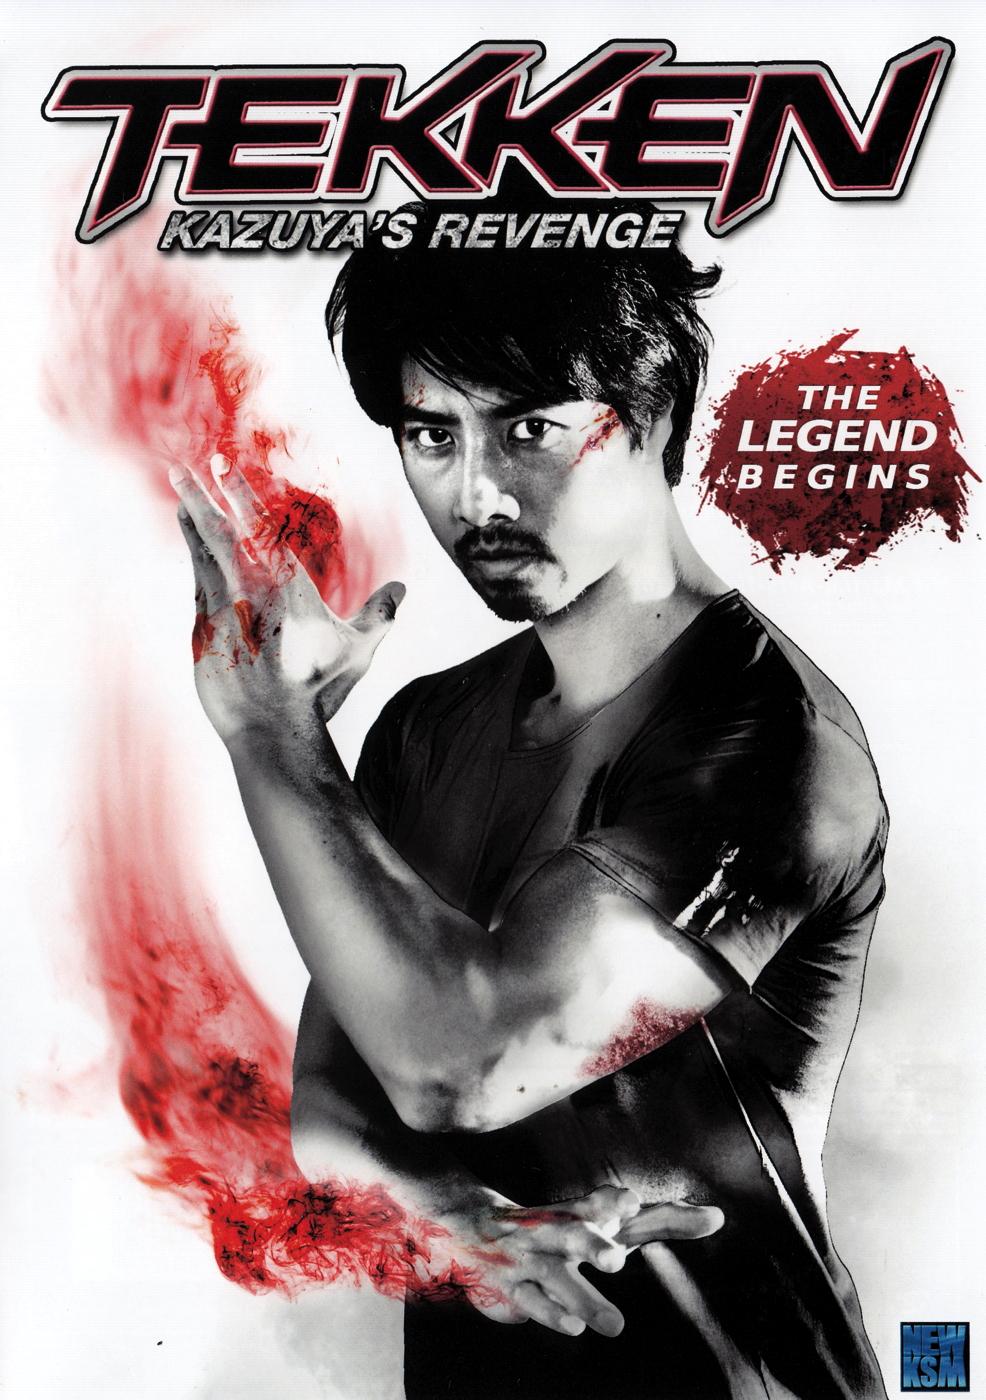 Tekken 2 - Kazuya's Revenge